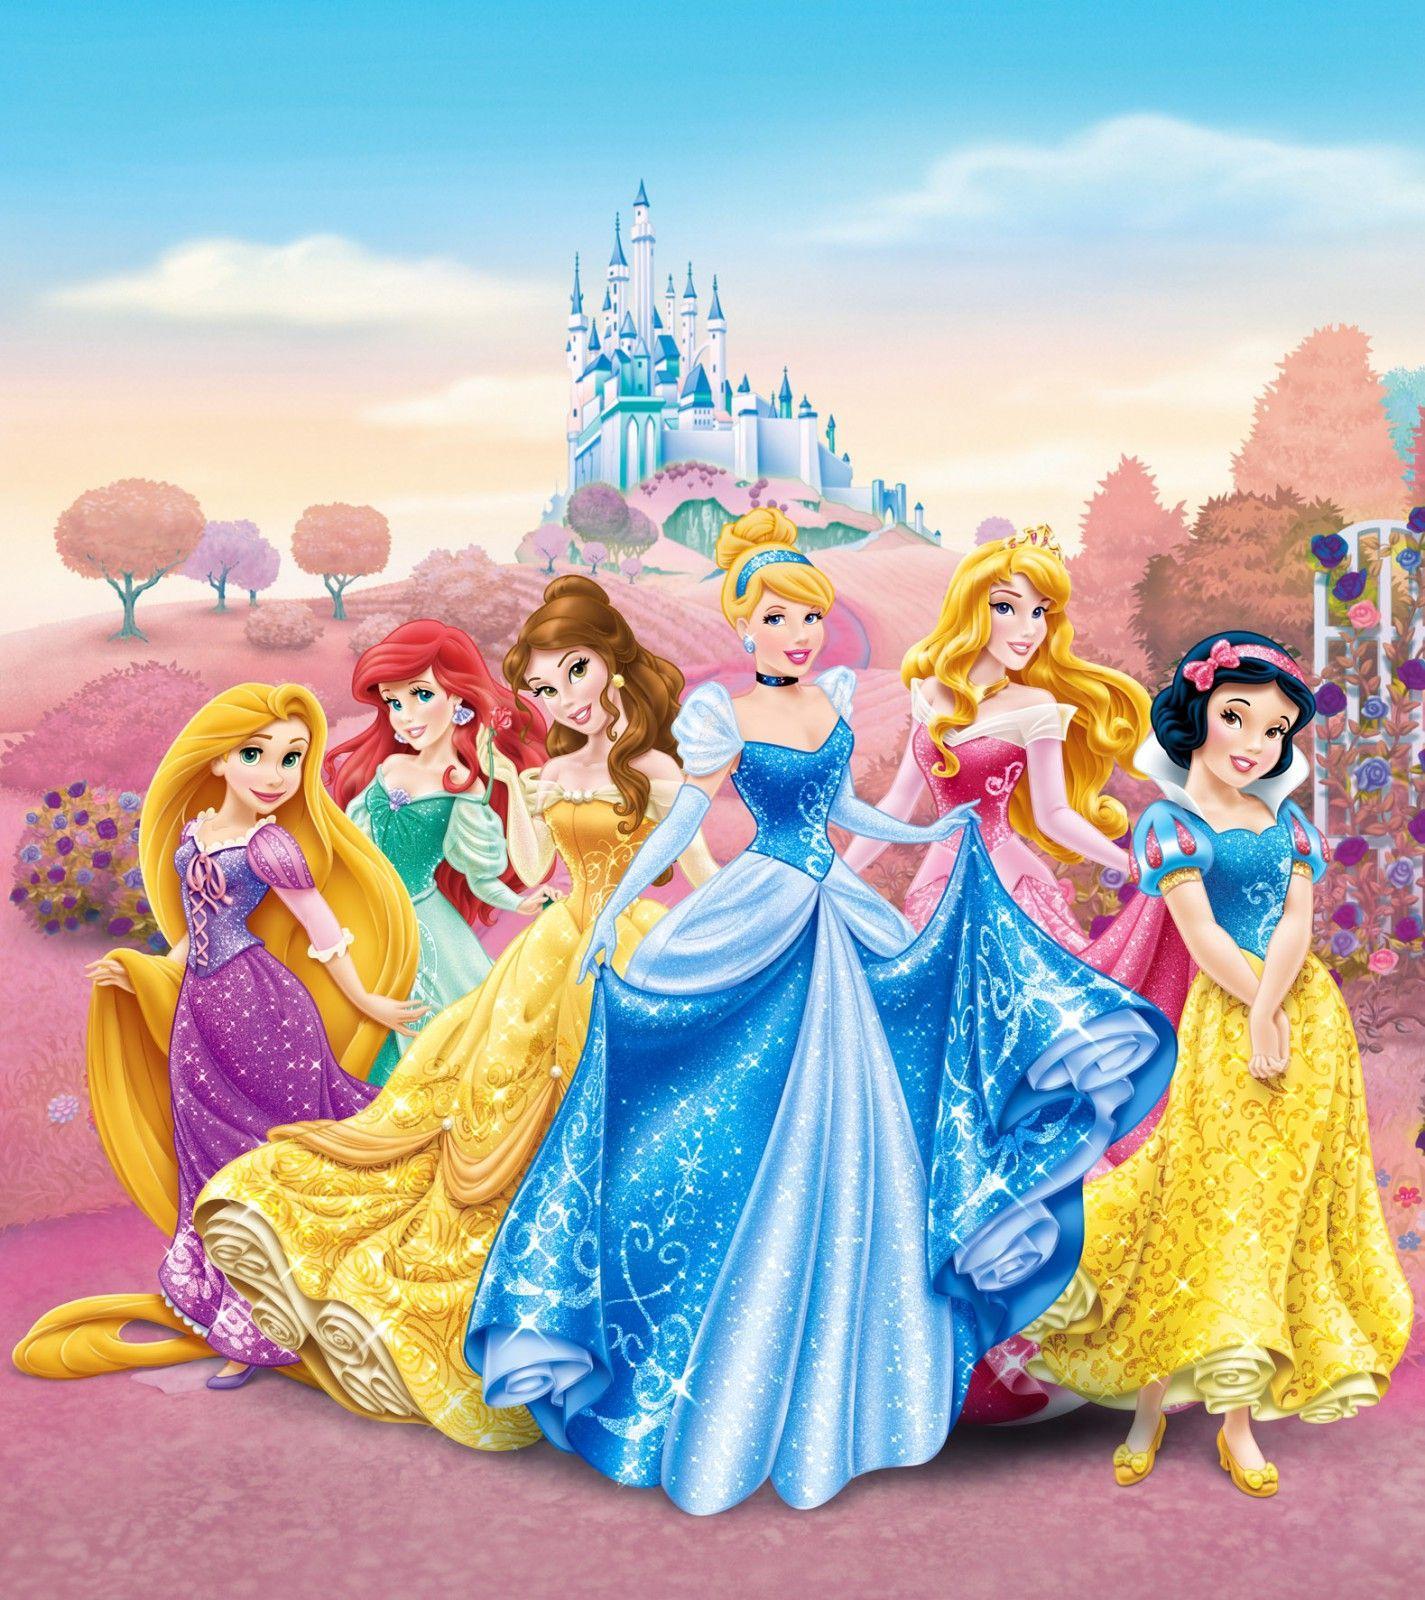 Картинка с принцессами диснея хорошего качества, фразочки картинками два